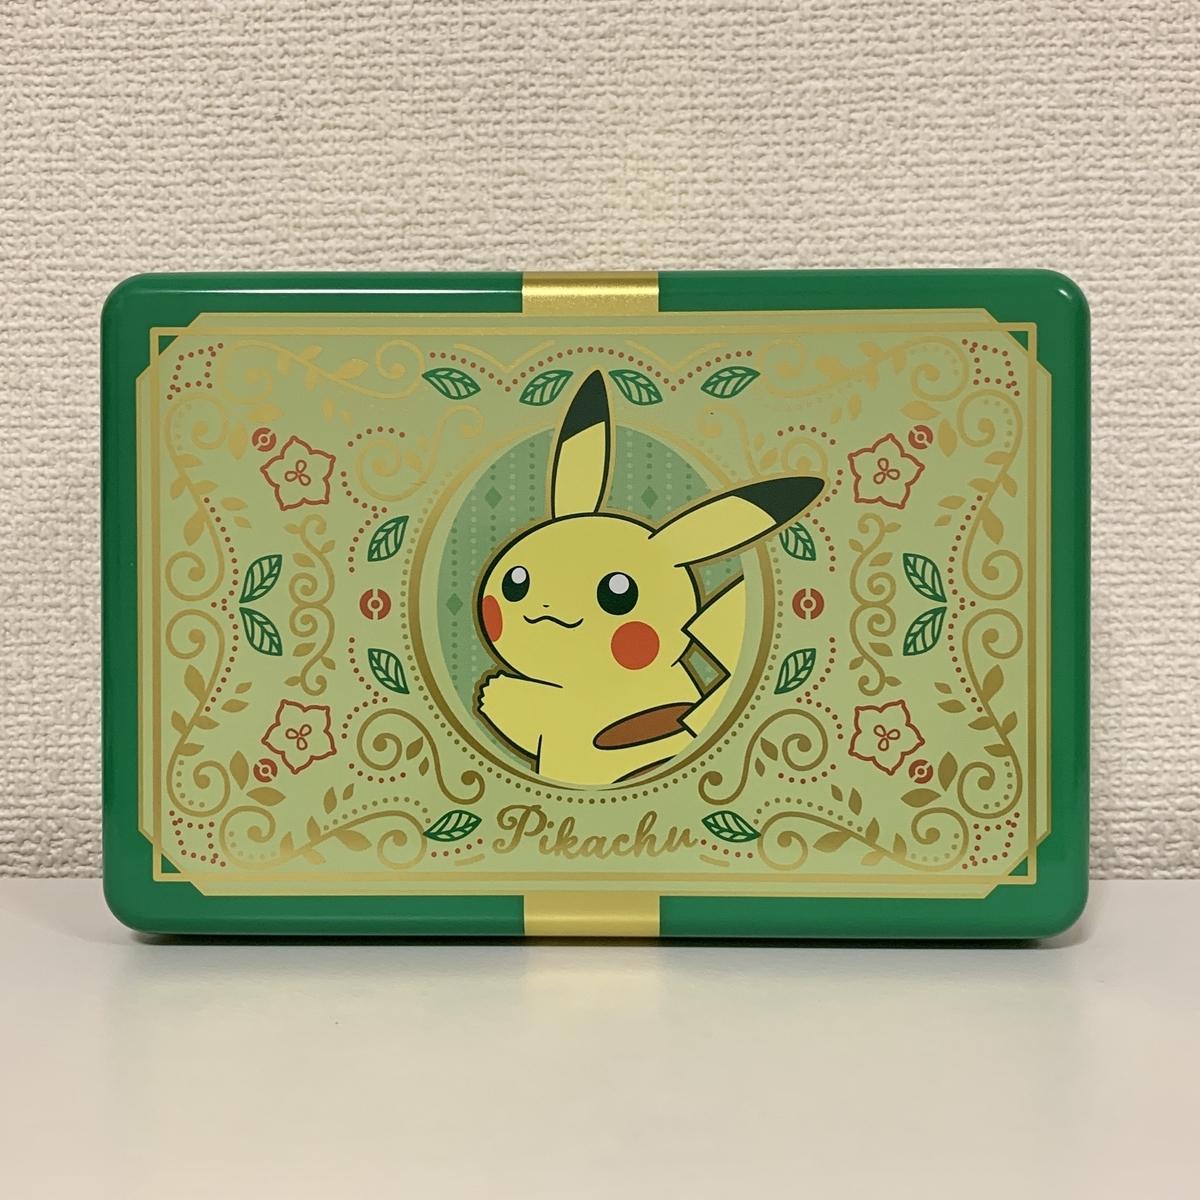 f:id:pikachu_pcn:20200610213139j:plain